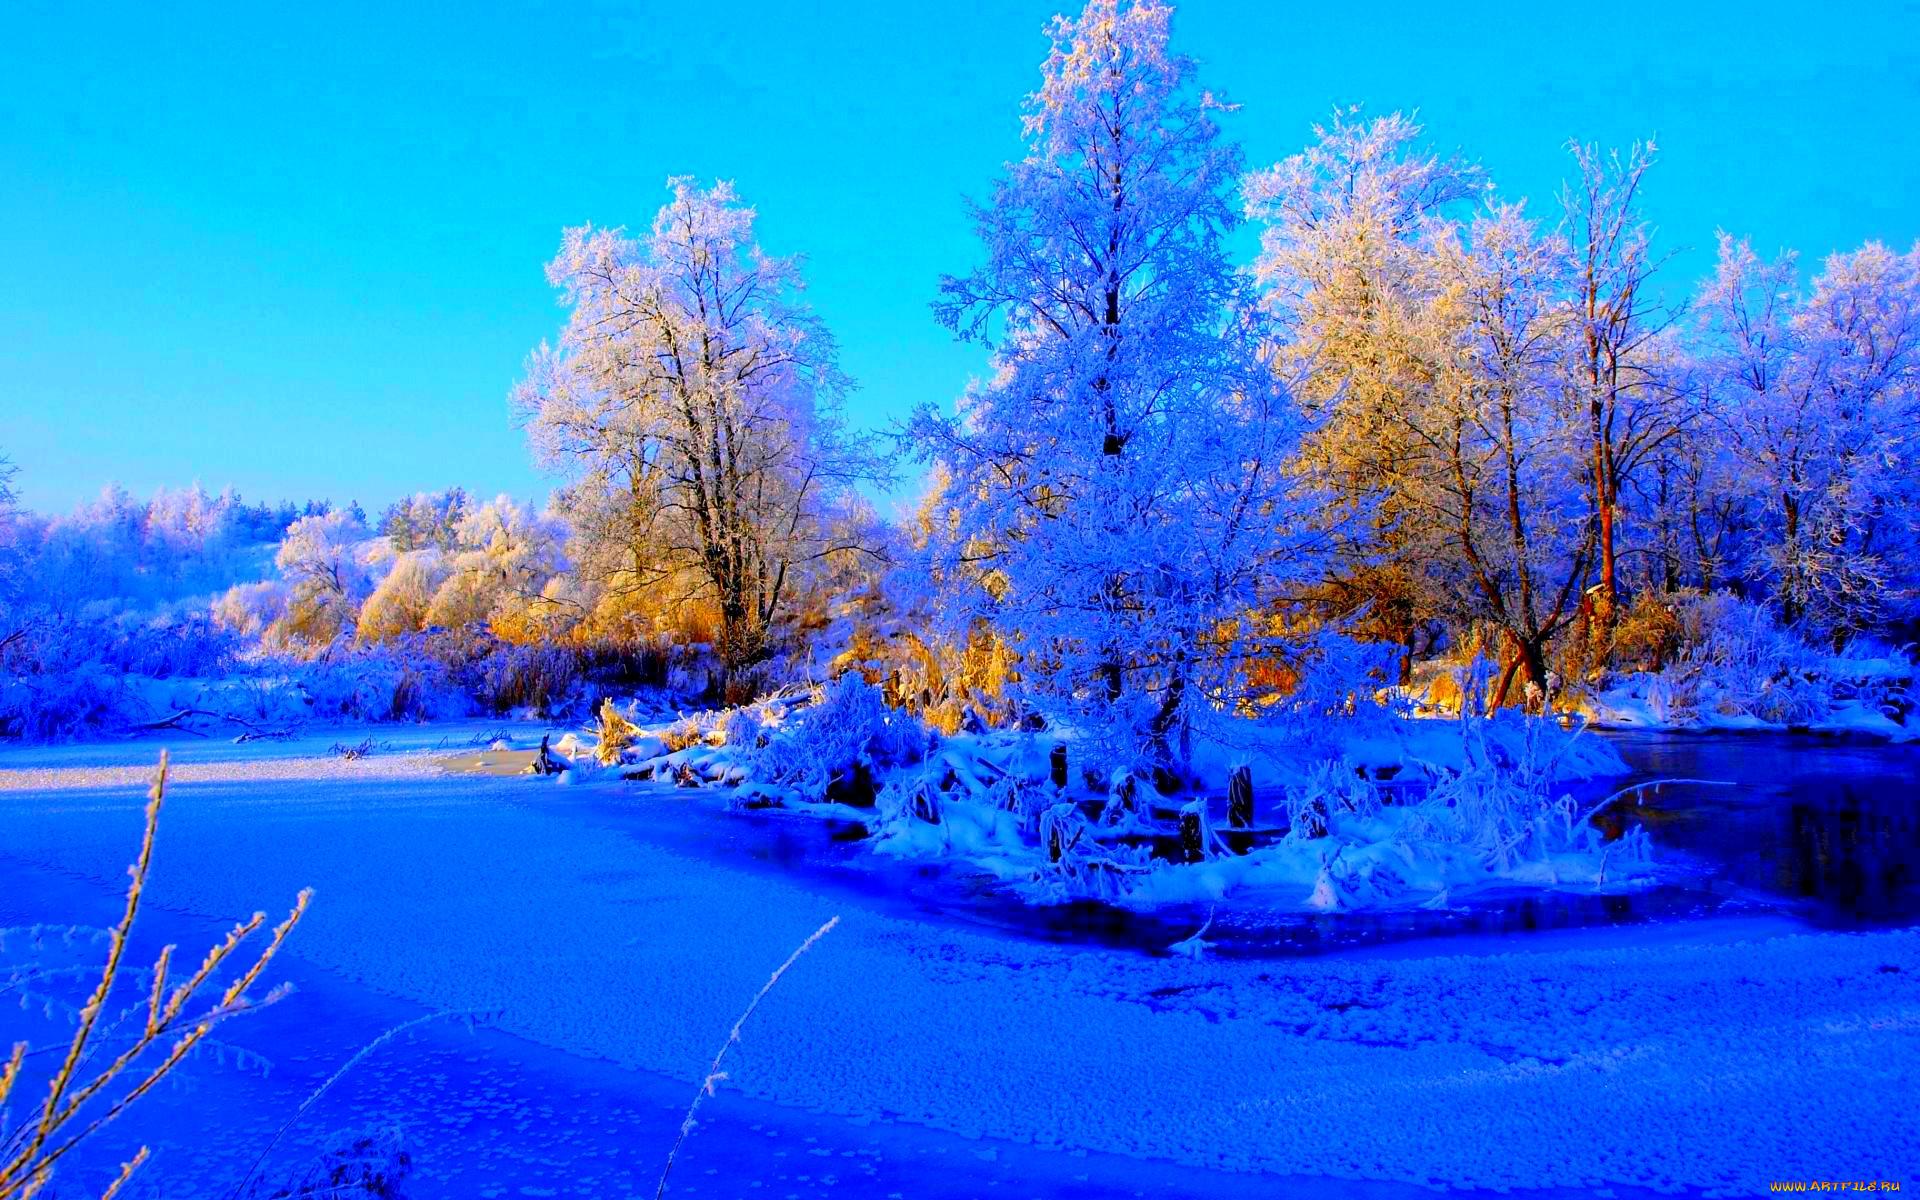 вереск картинки зима для компа это